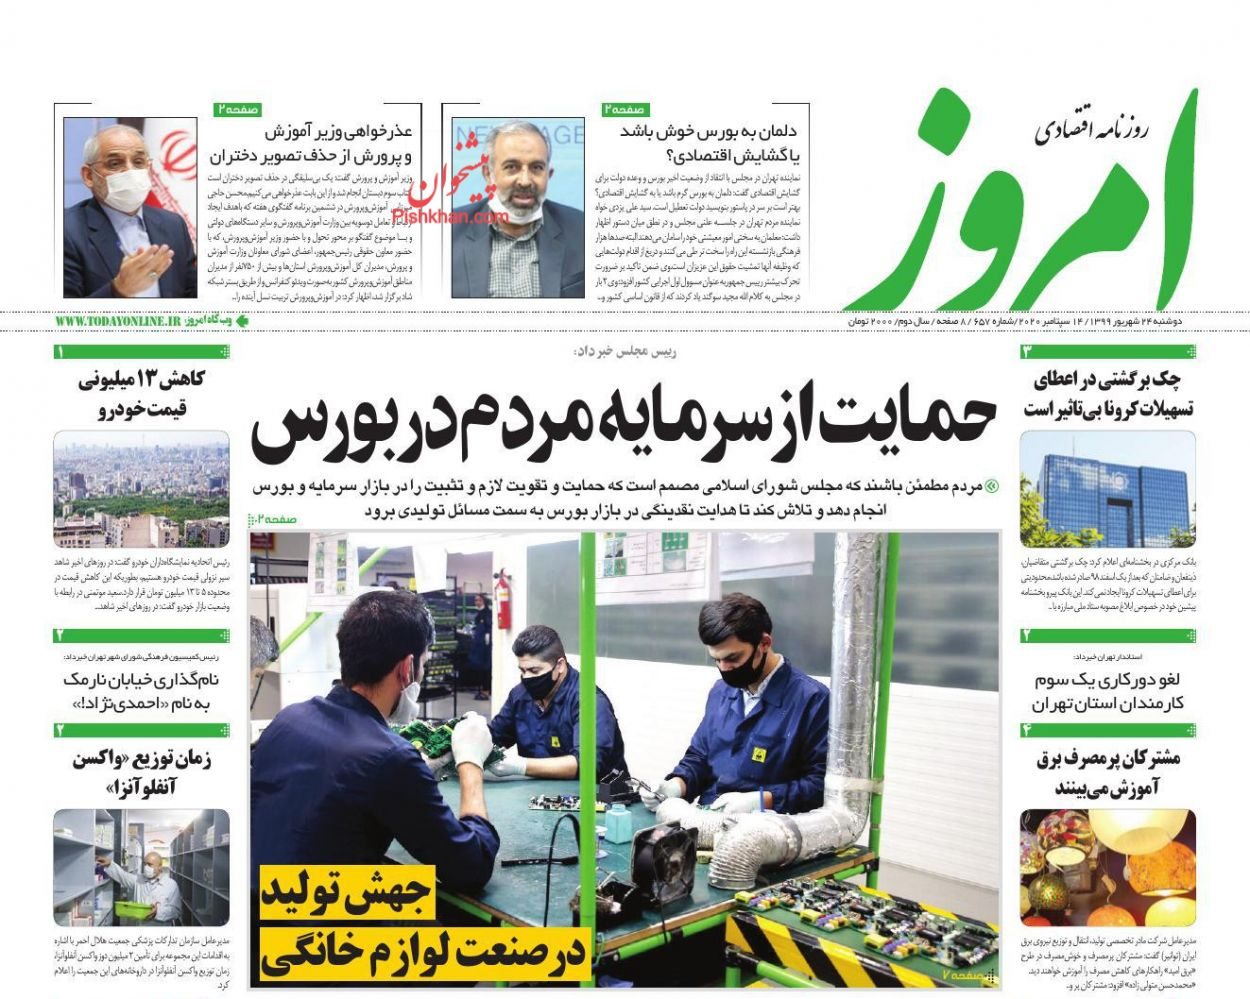 عناوین اخبار روزنامه امروز در روز دوشنبه ۲۴ شهریور